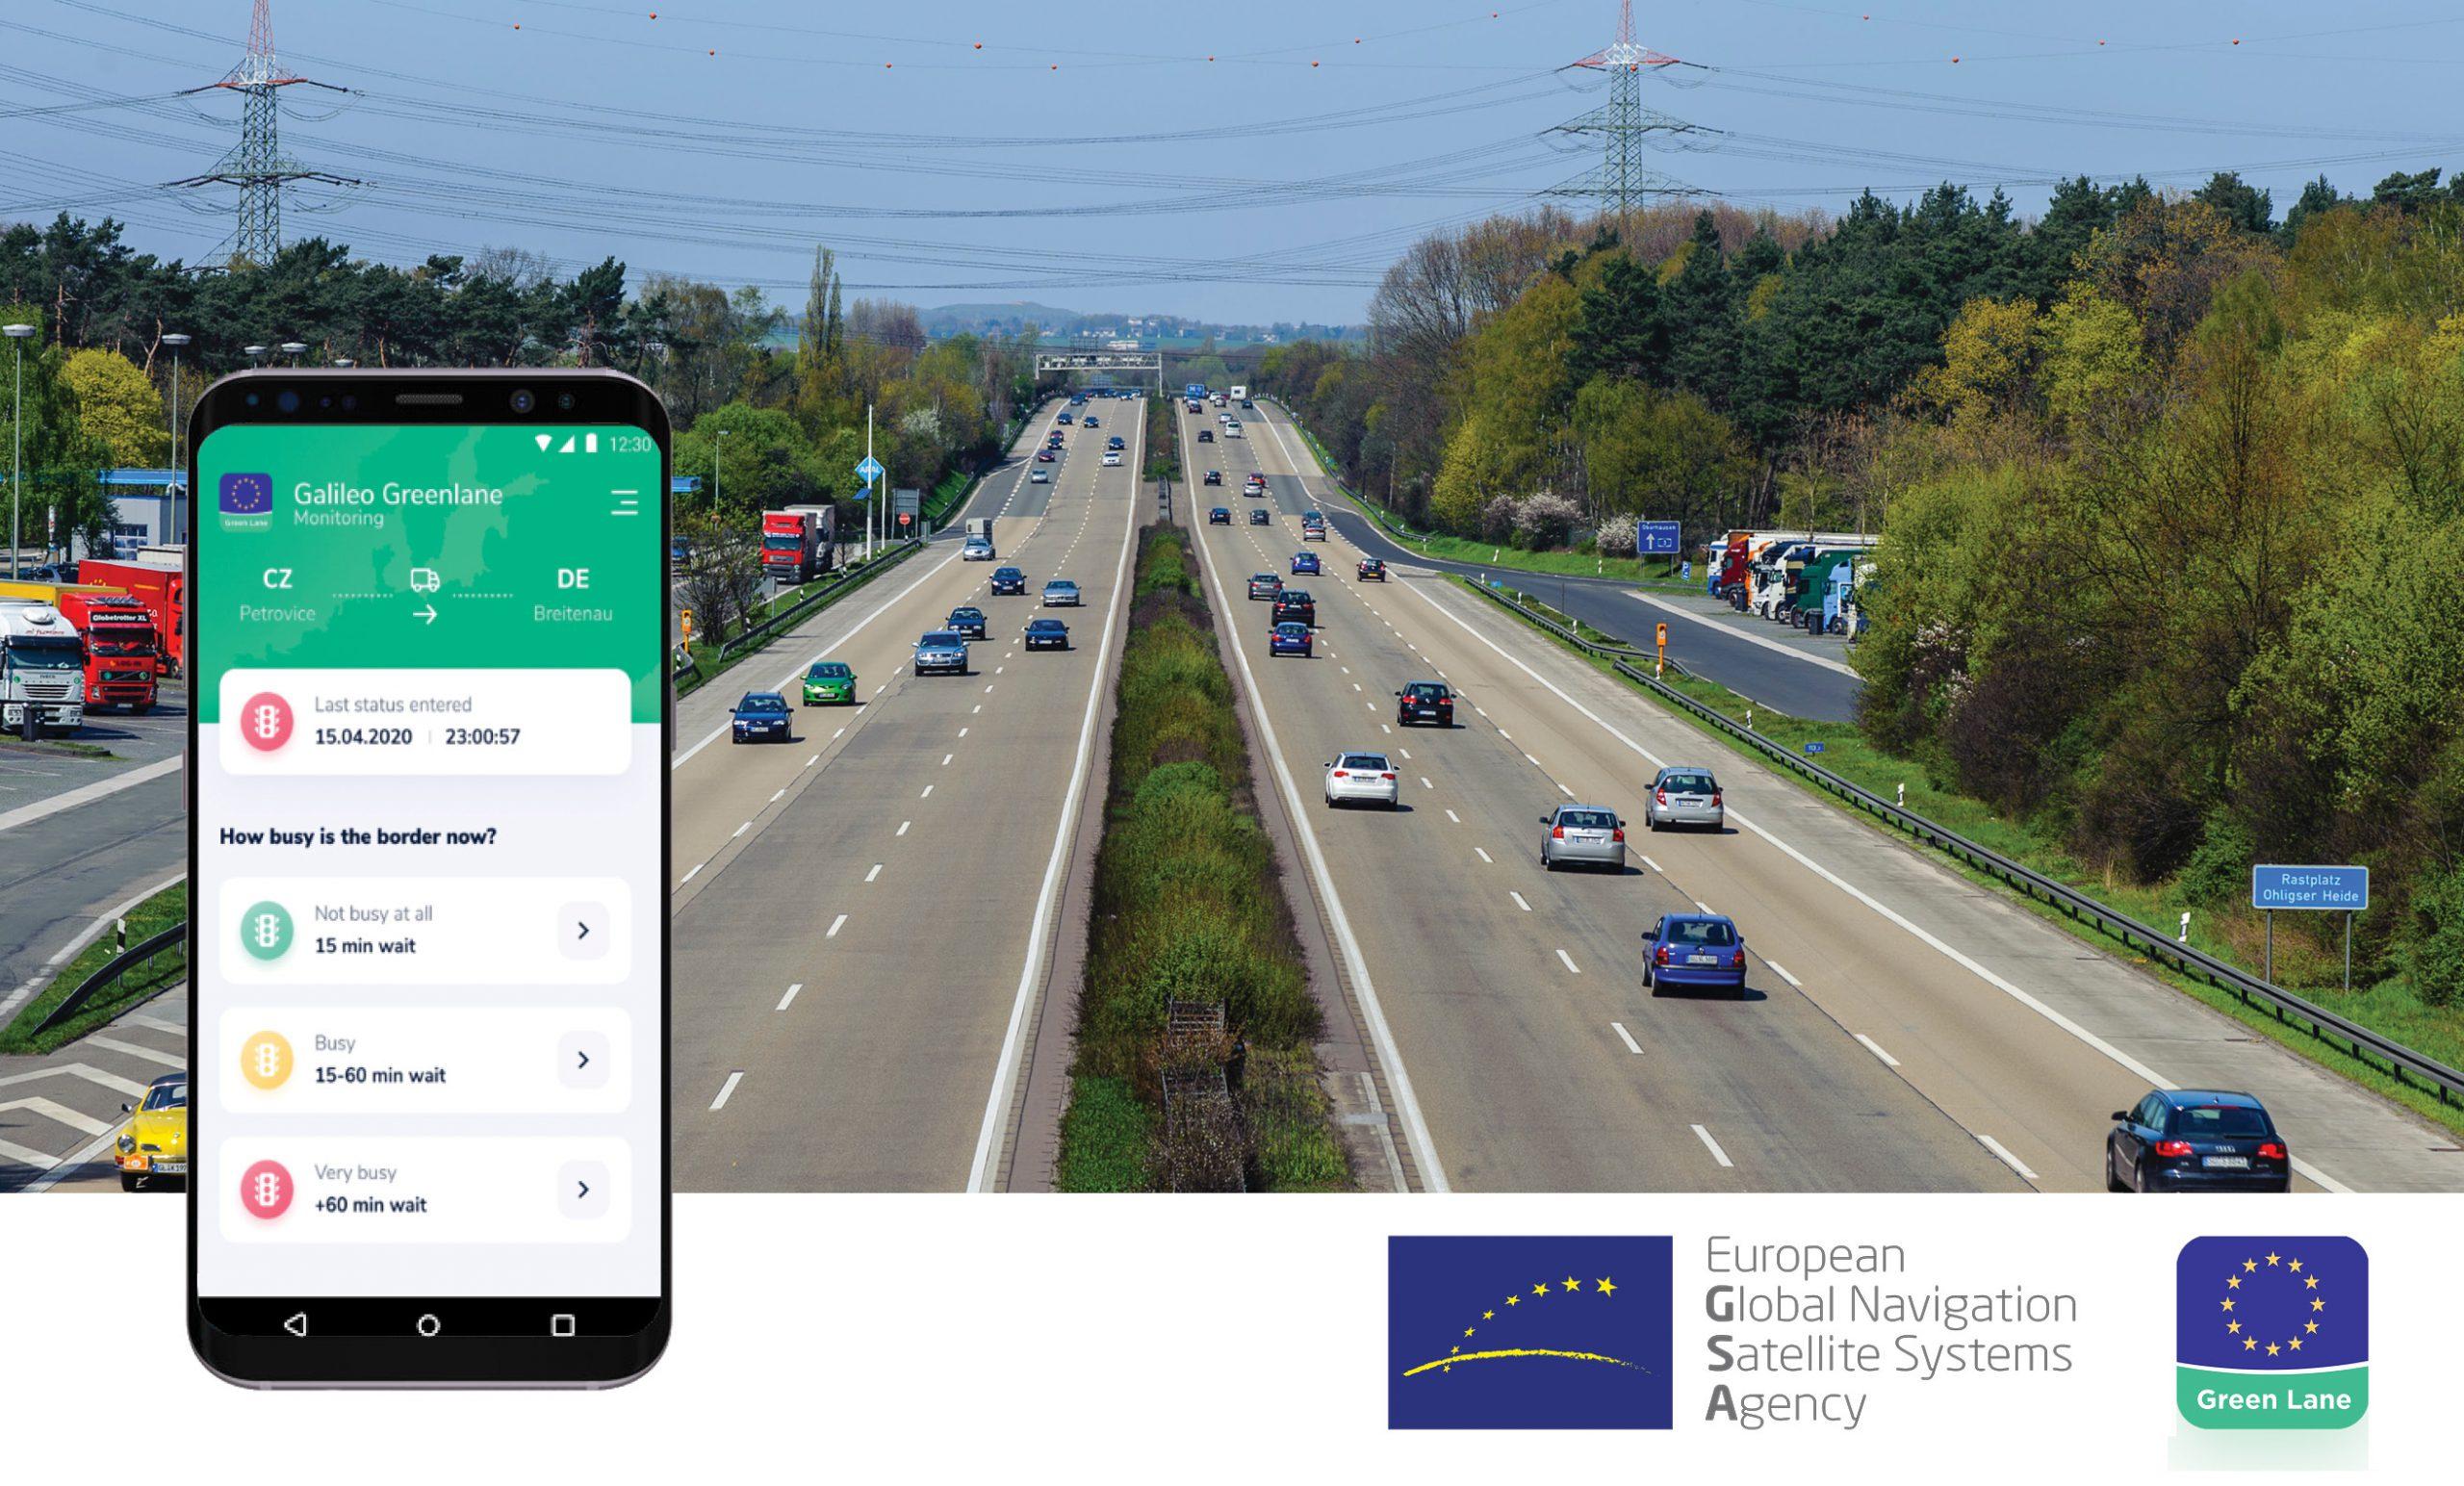 Green Lane Galileo